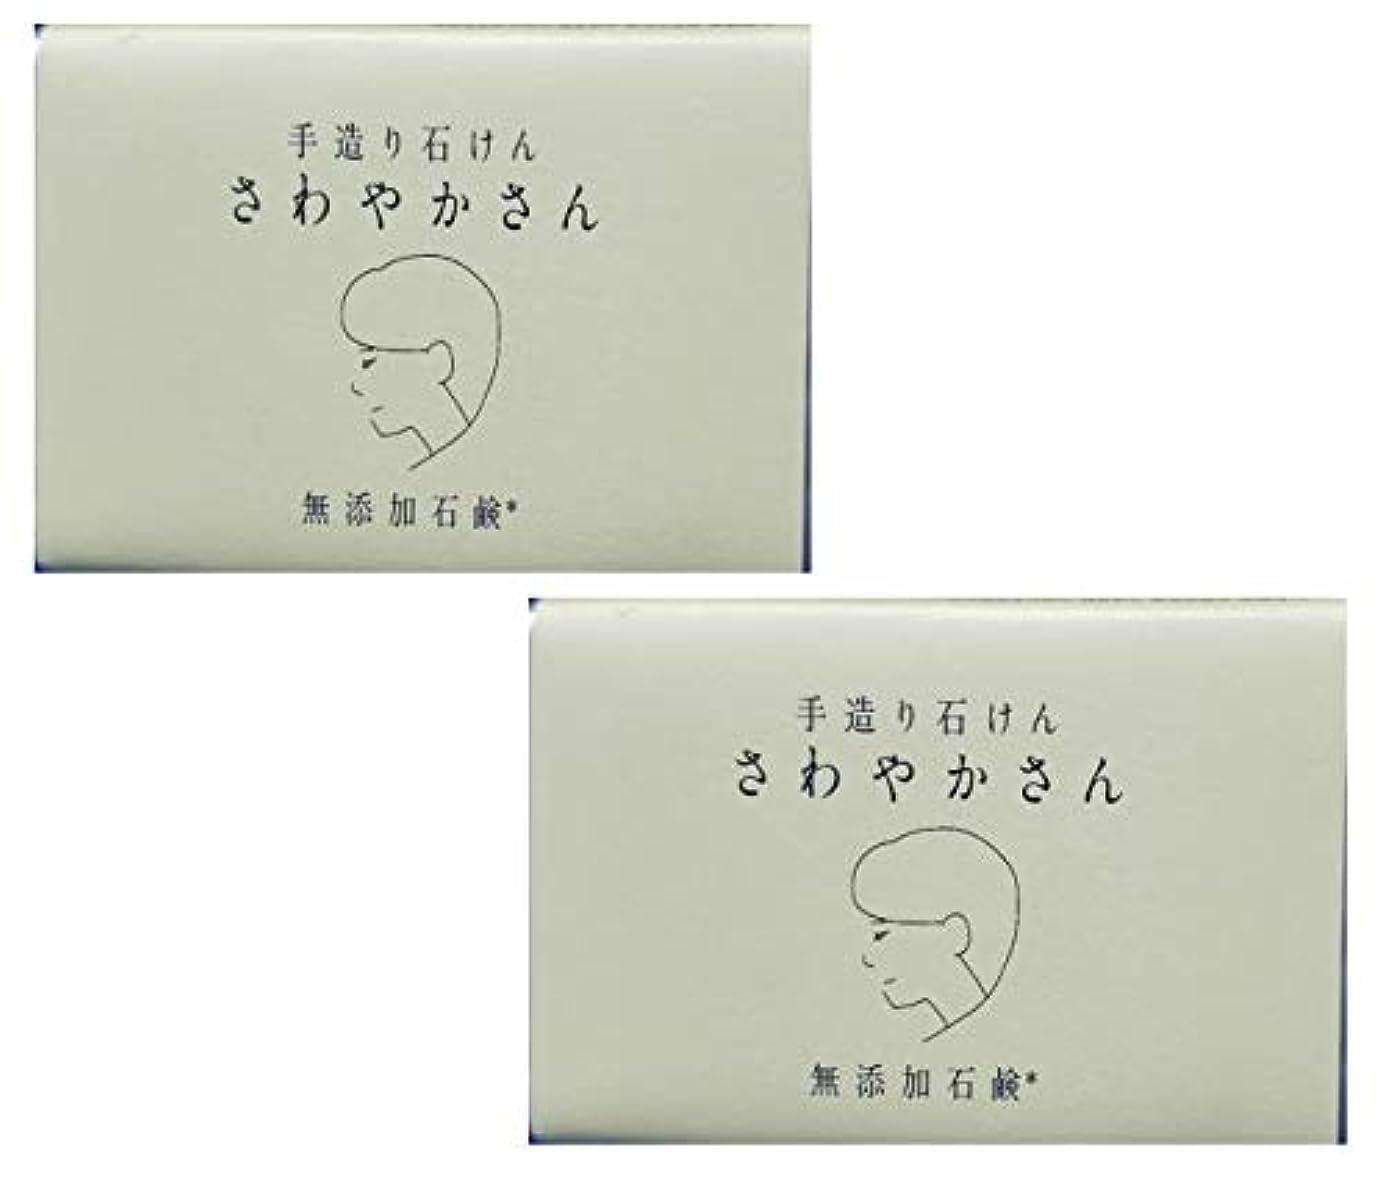 取得する学部長ガソリンやさしい 手造り石鹸 「さわやかさん」90g 無添加 コールドプロセス製法 洗顔せっけん (2個セット)